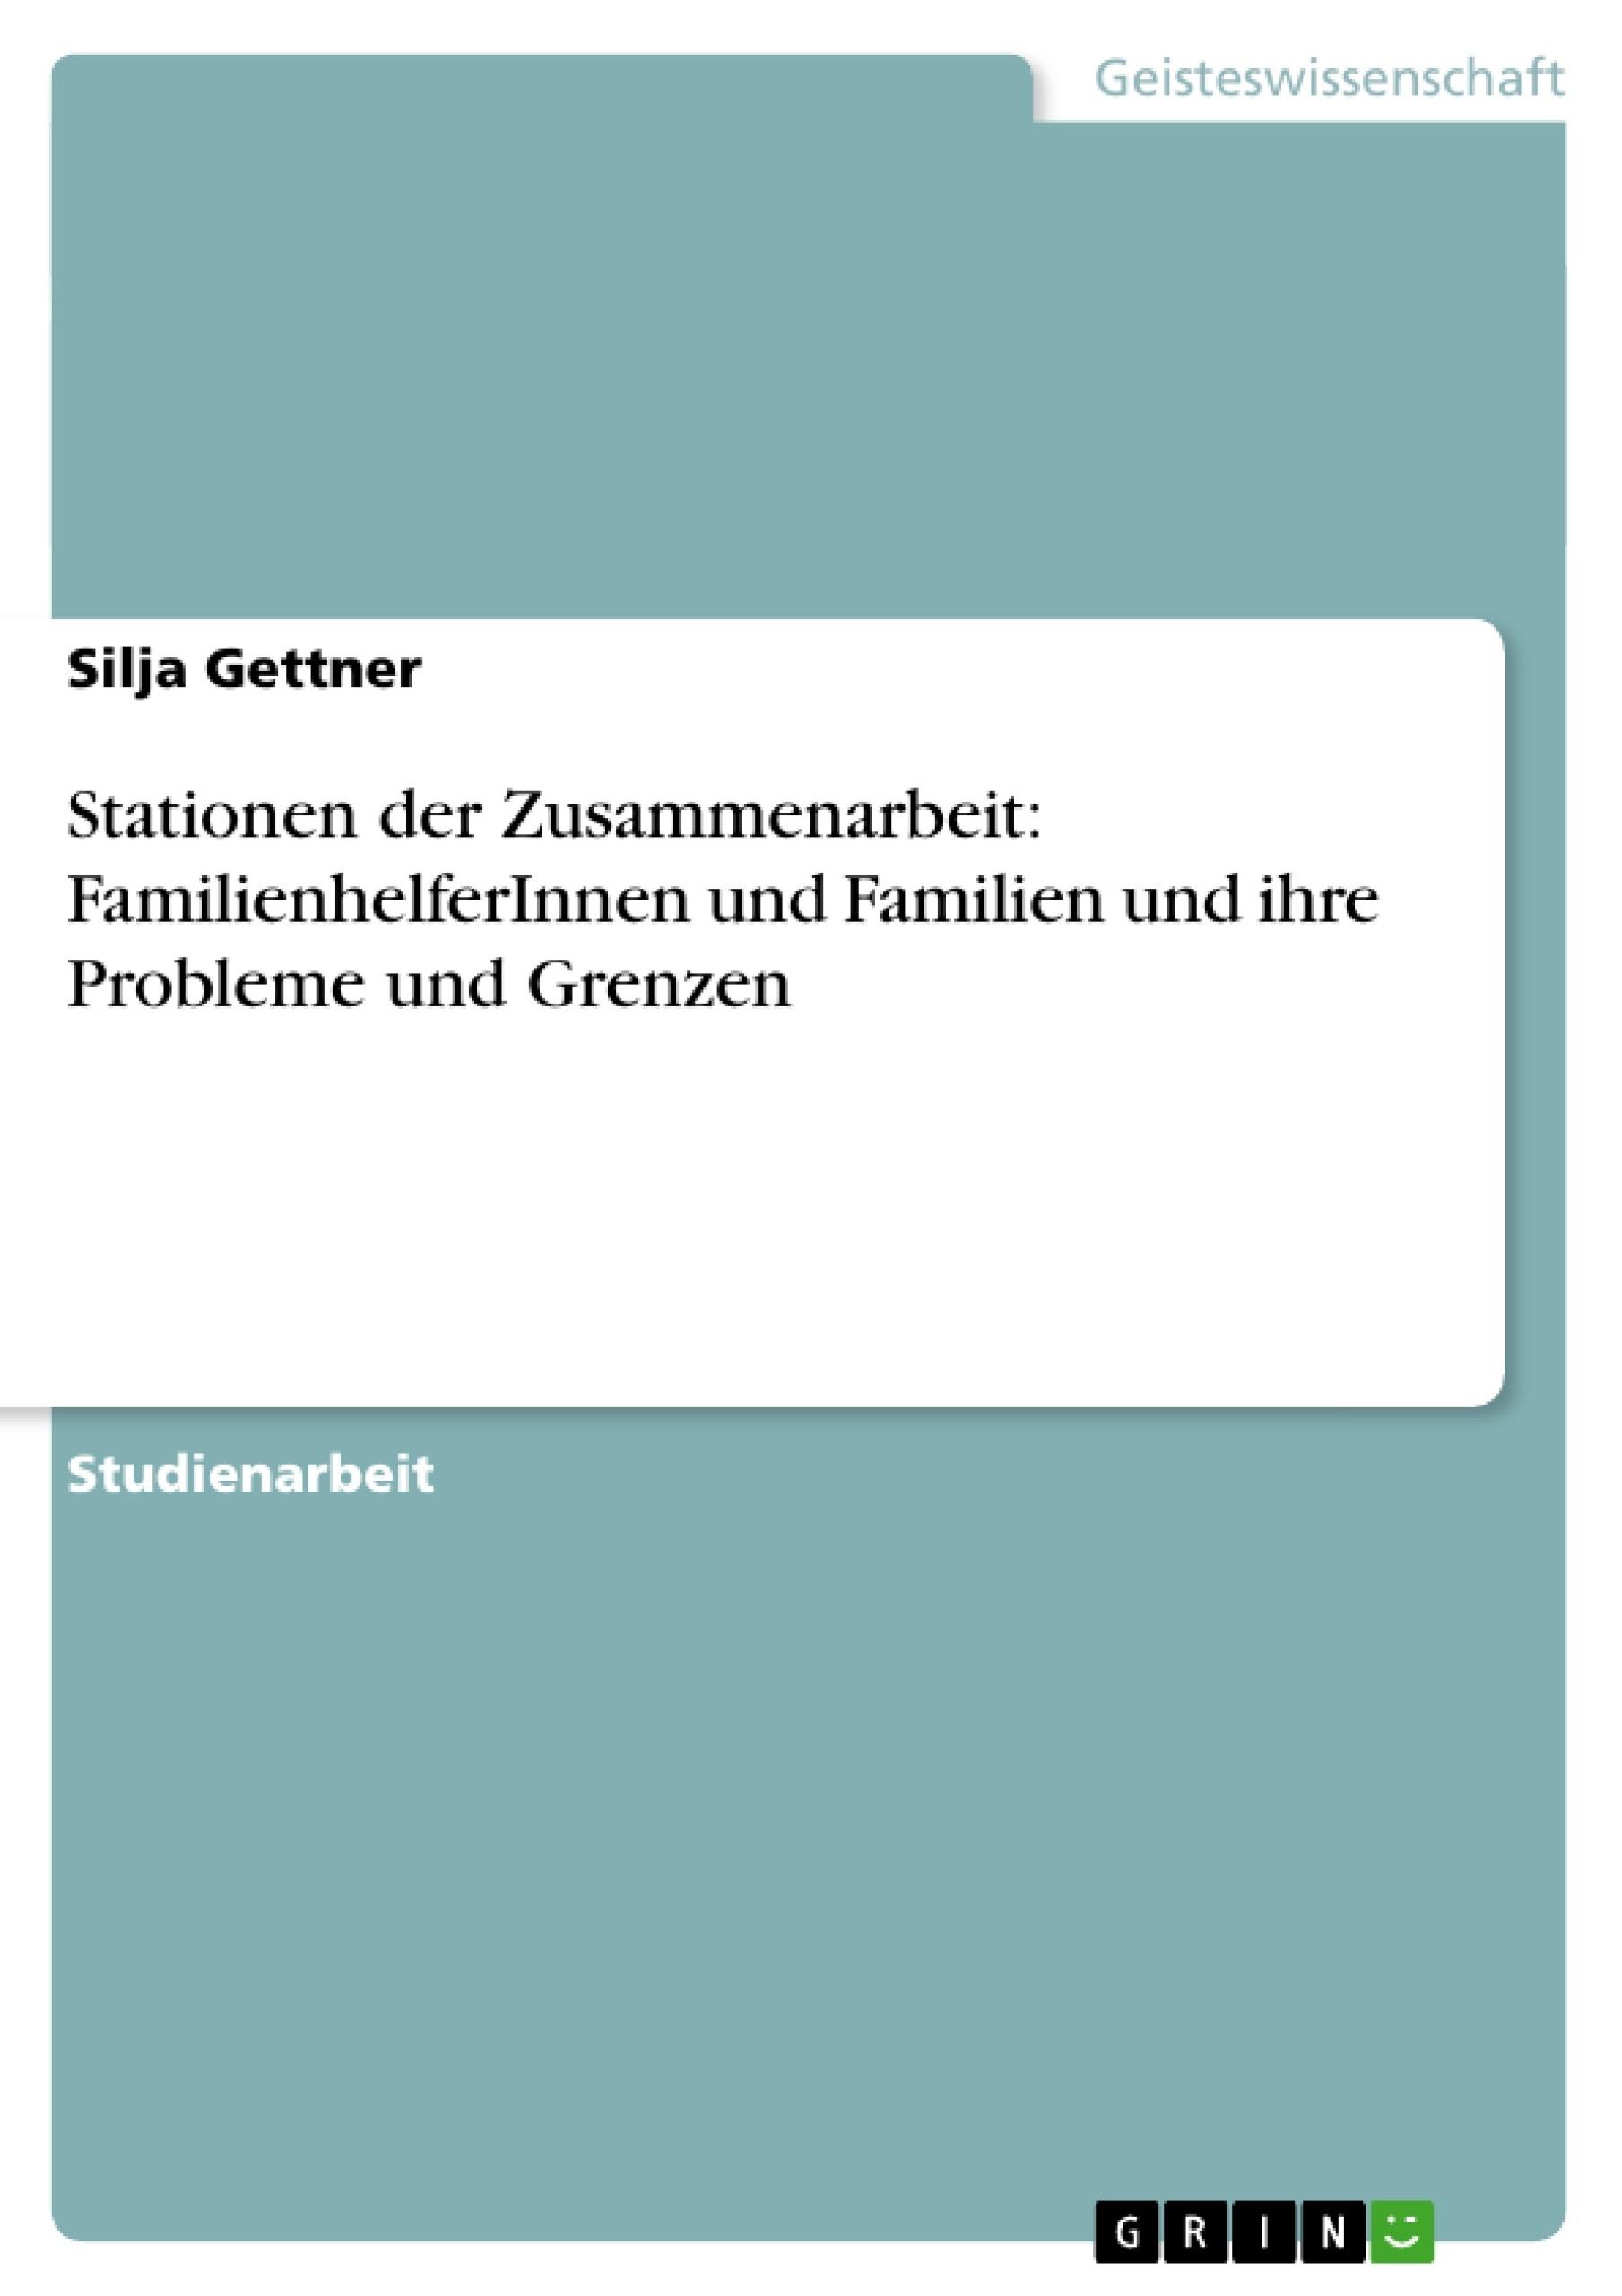 Titel: Stationen der Zusammenarbeit: FamilienhelferInnen und Familien und ihre Probleme und Grenzen